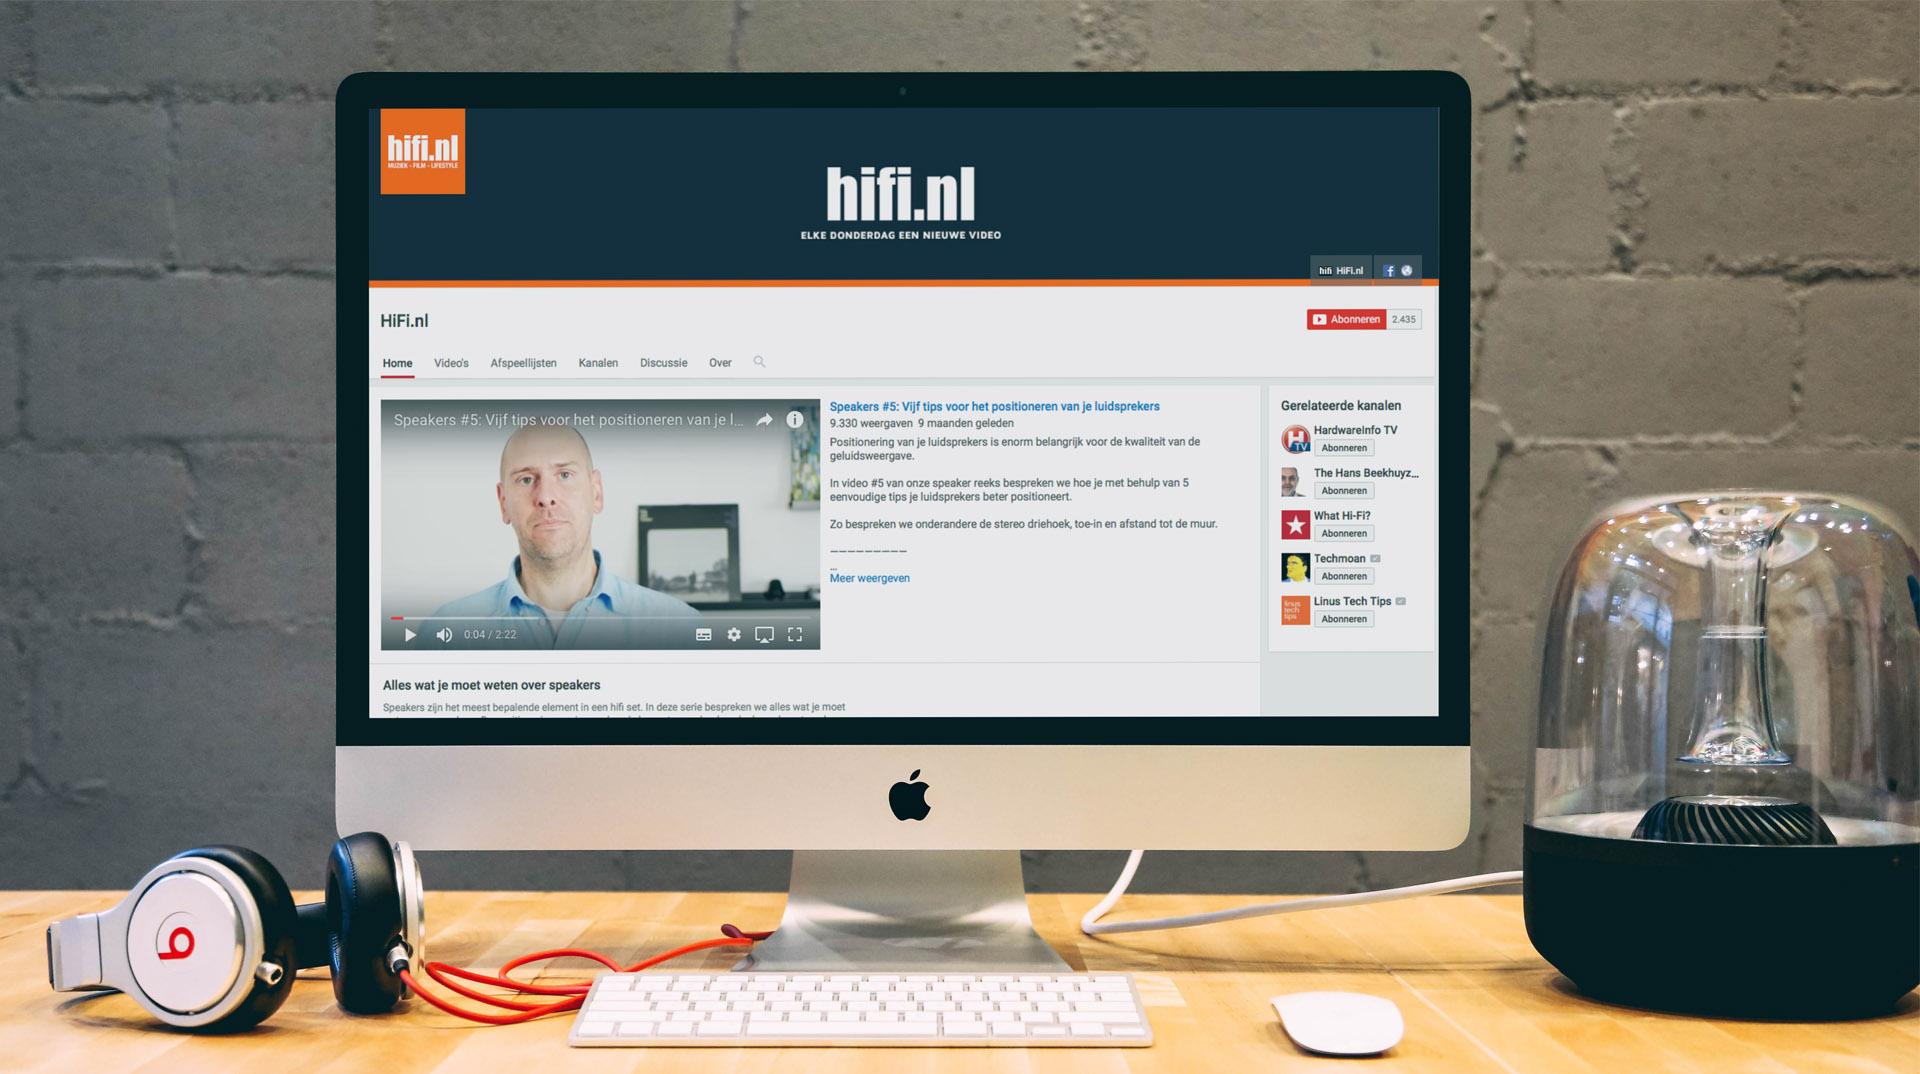 hifi.nl